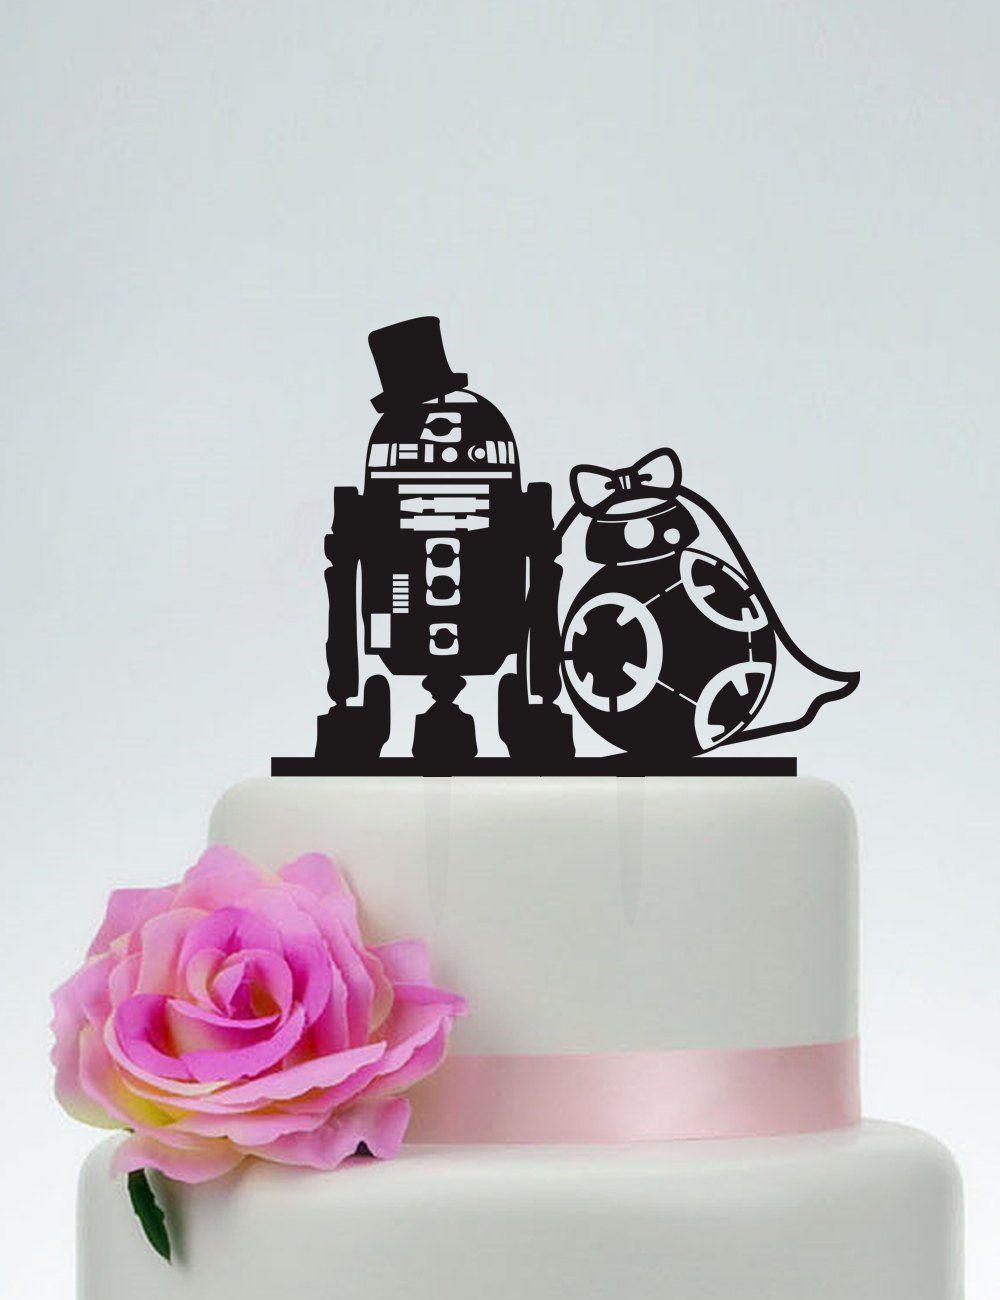 Wedding Cake Topper,Star Wars Cake Topper,R2D2 & Bb8 cake topper ...